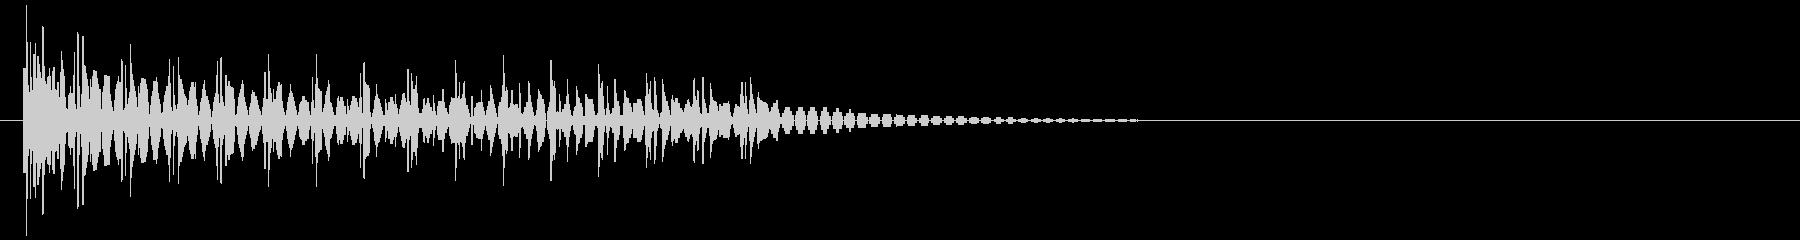 電撃音の未再生の波形